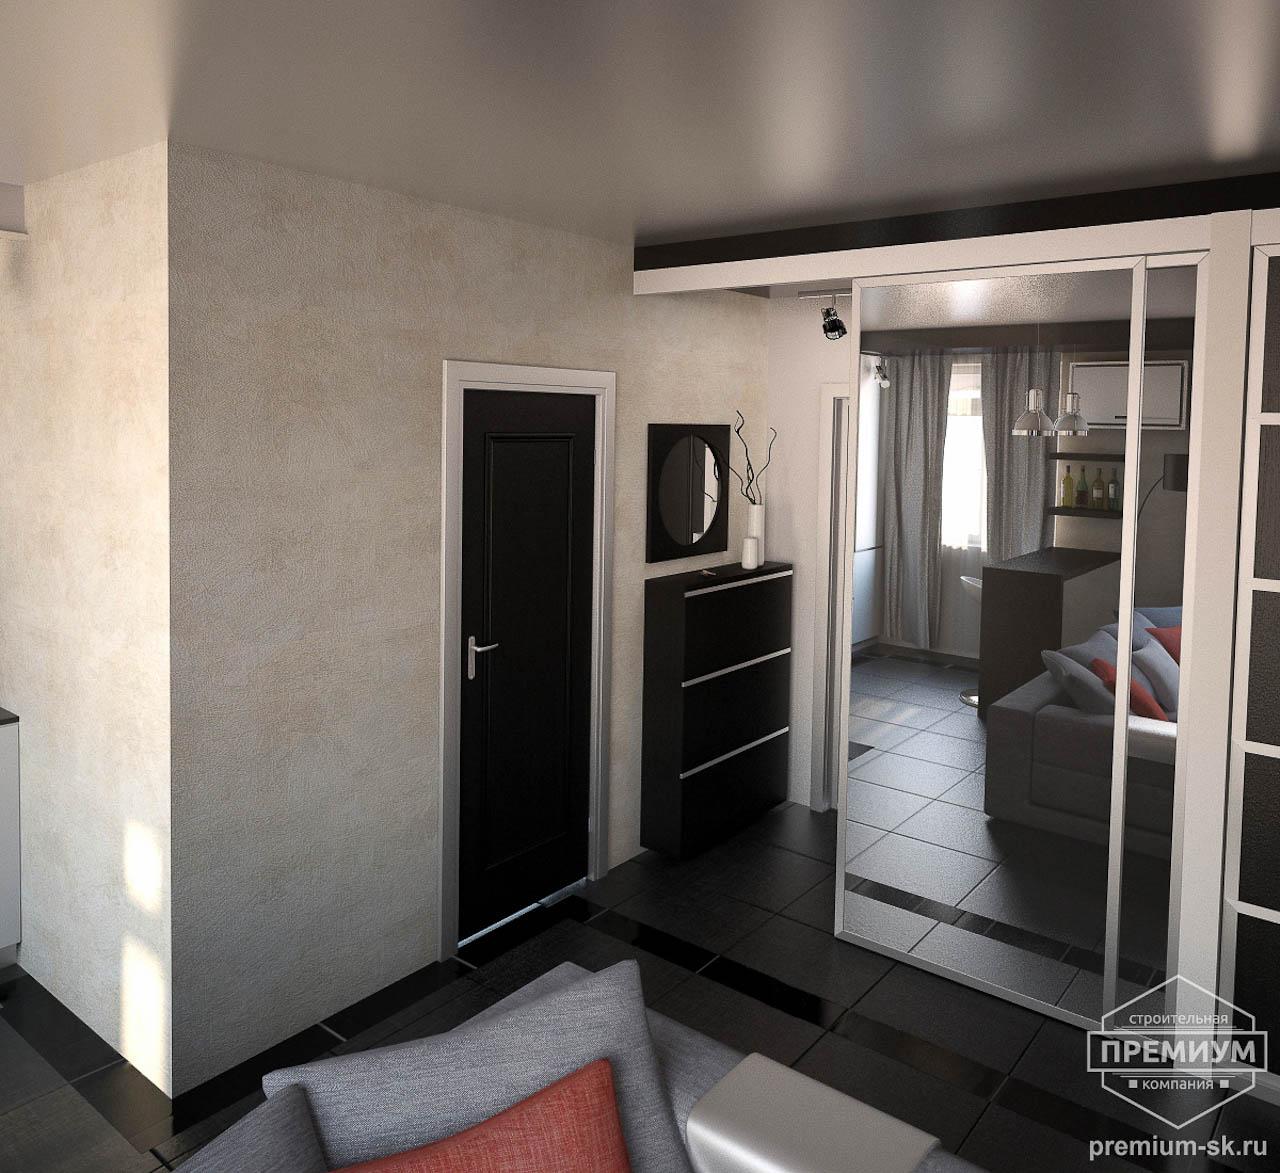 Дизайн интерьера однокомнатной квартиры по ул. Крауля 56 img2020956112